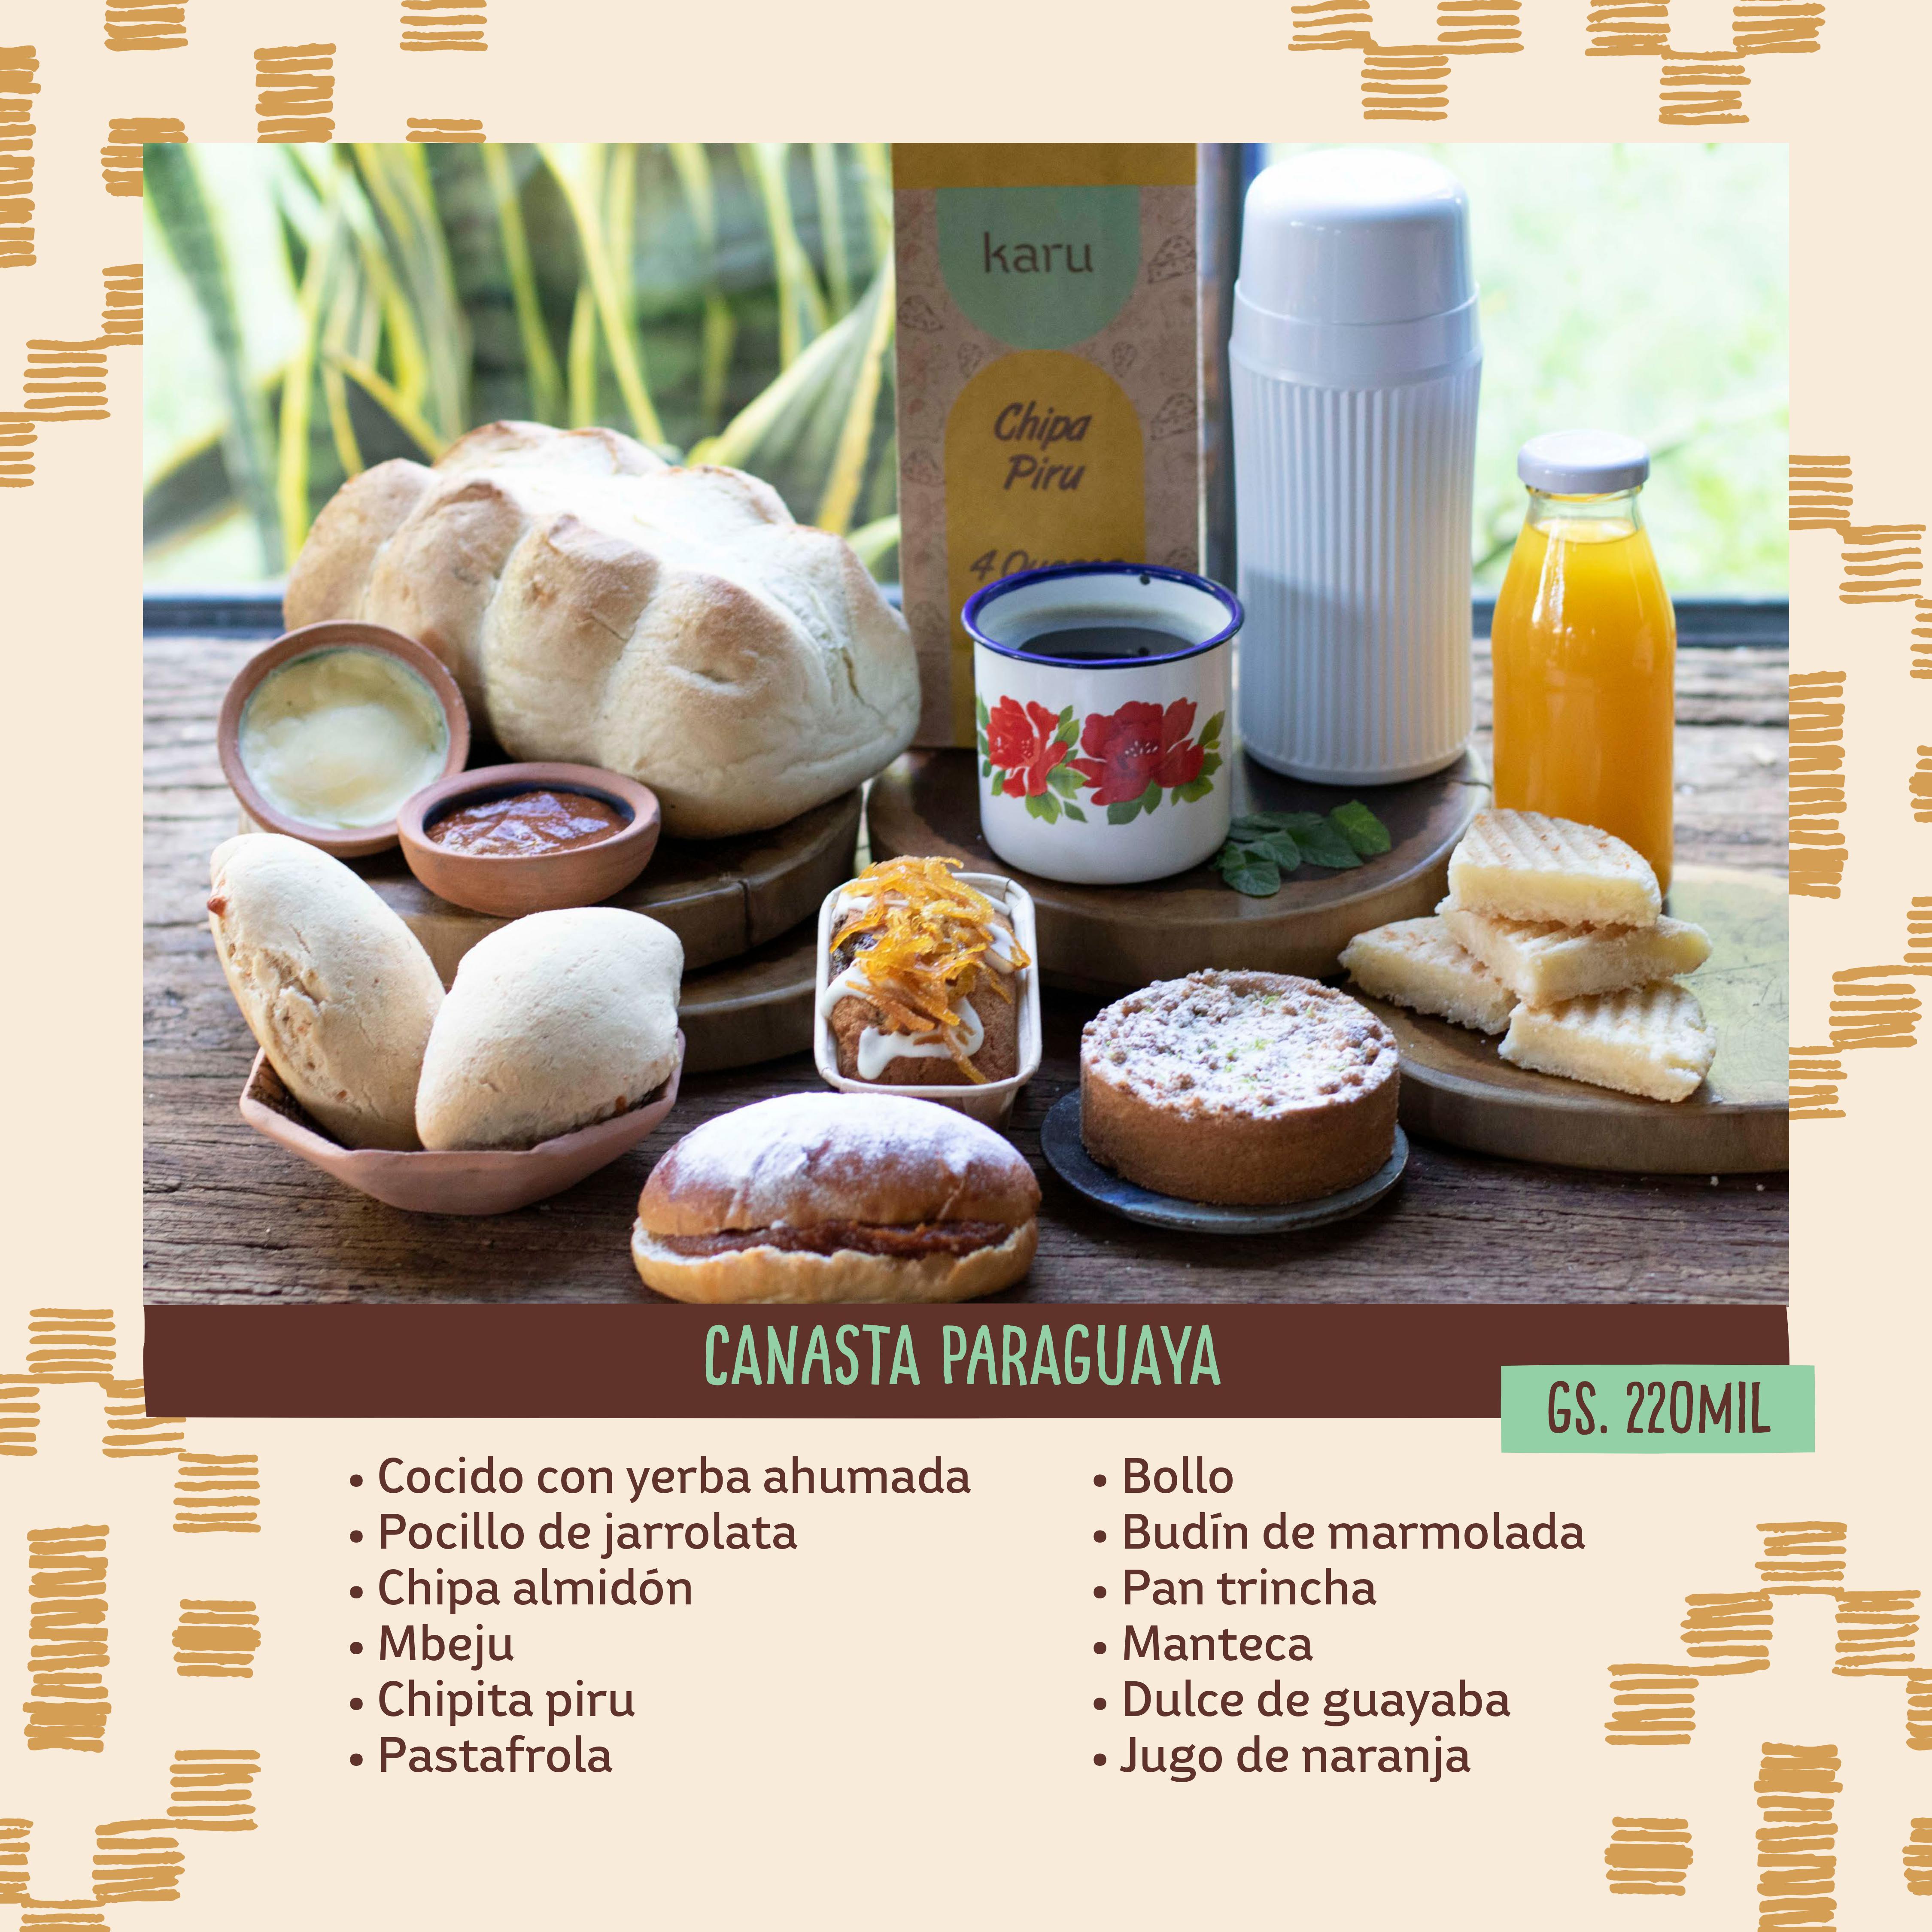 CANASTA PARAGUAYA